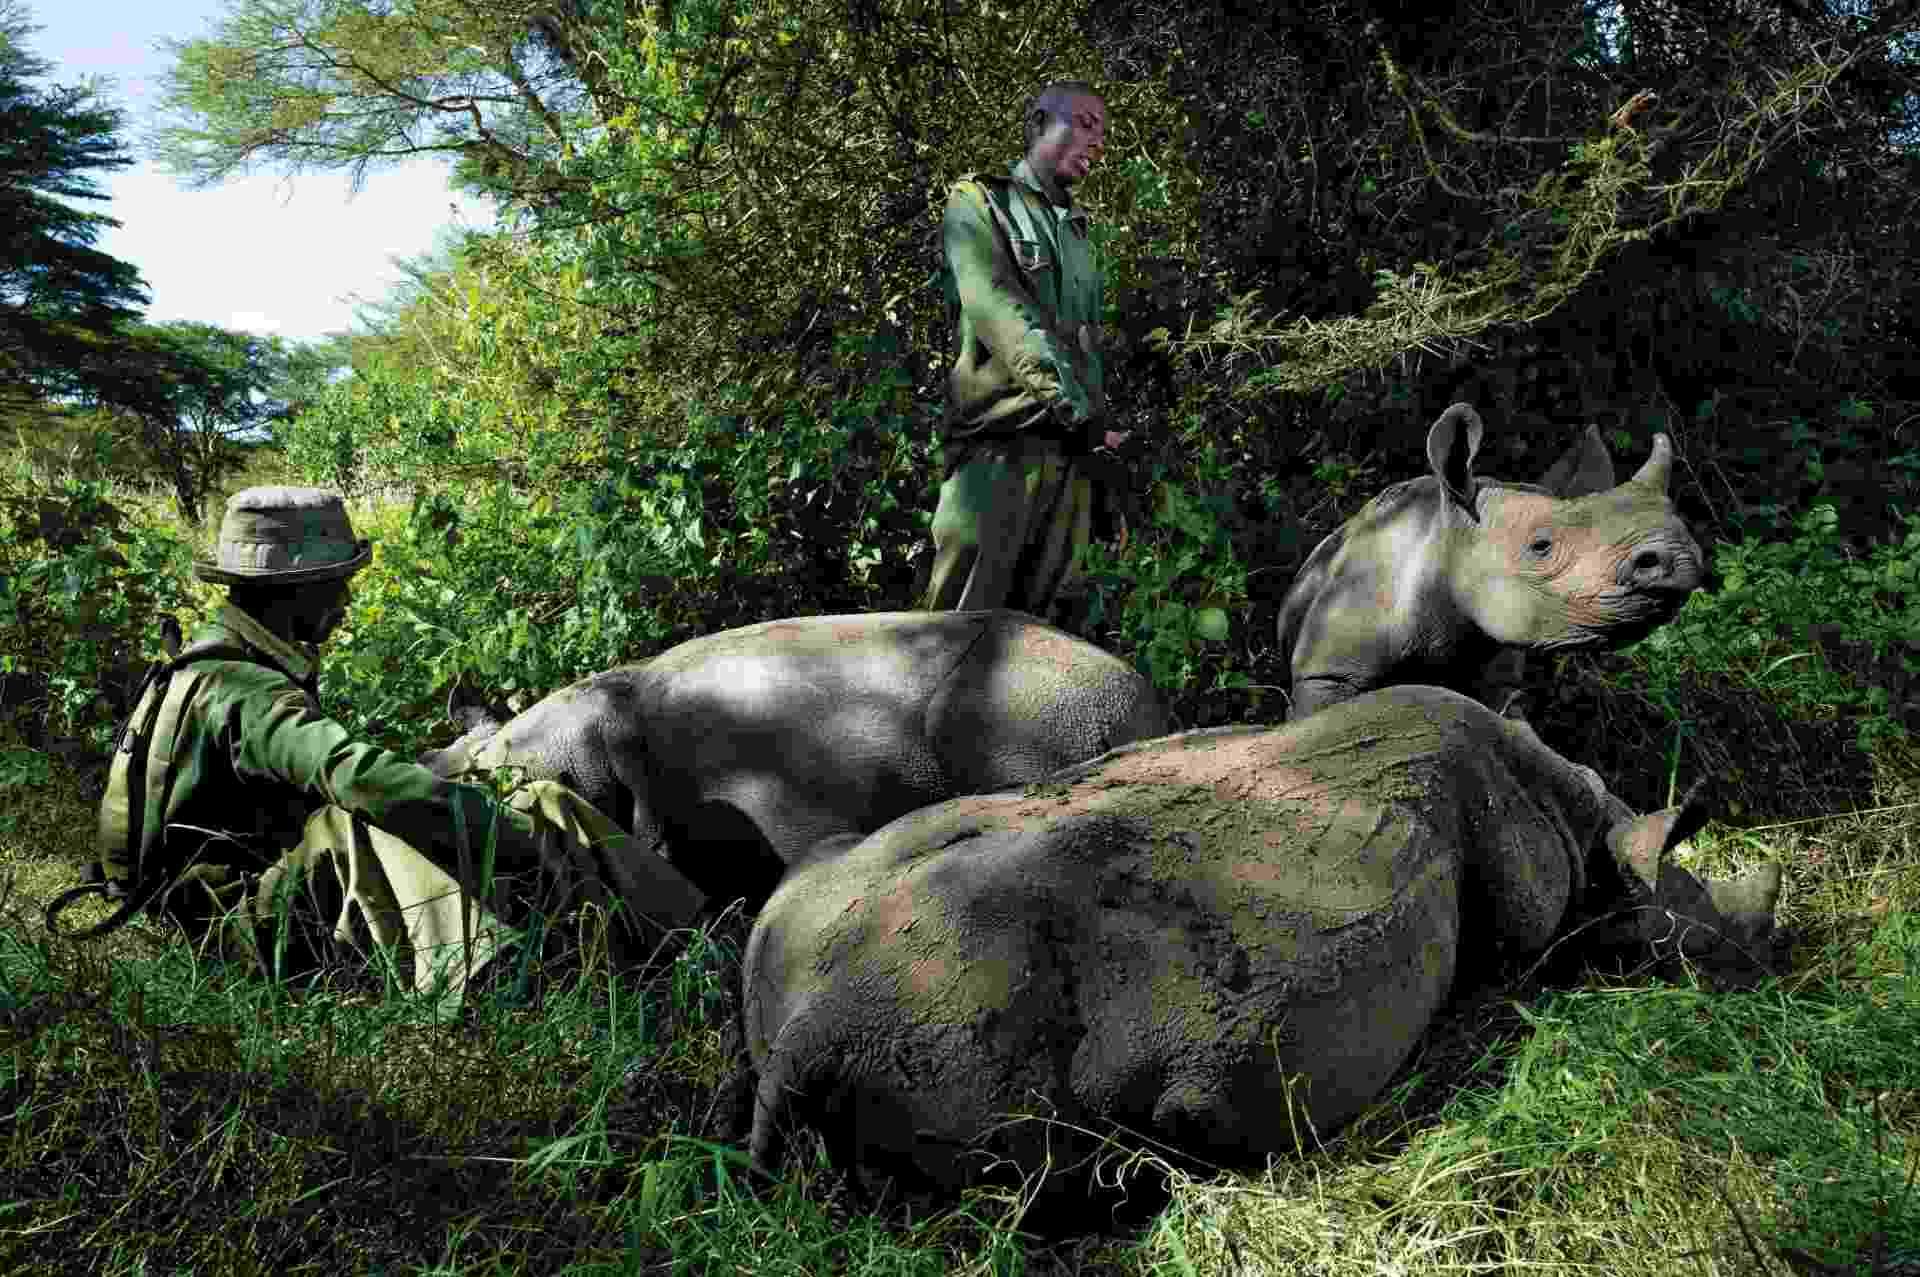 24.mar.2016 - Guardas florestais cuidam de rinocerontes órfãos no Quênia. A imagem foi tirada por Érico Hiller, fotógrafo documental brasileiro que viajou por dois anos para países como Índia, Vietnã, Zimbábue, Moçambique, África do Sul e Quênia para registrar o drama da caça de rinocerontes e do comércio ilegal de seus chifres - Érico Hiller/ Divulgação